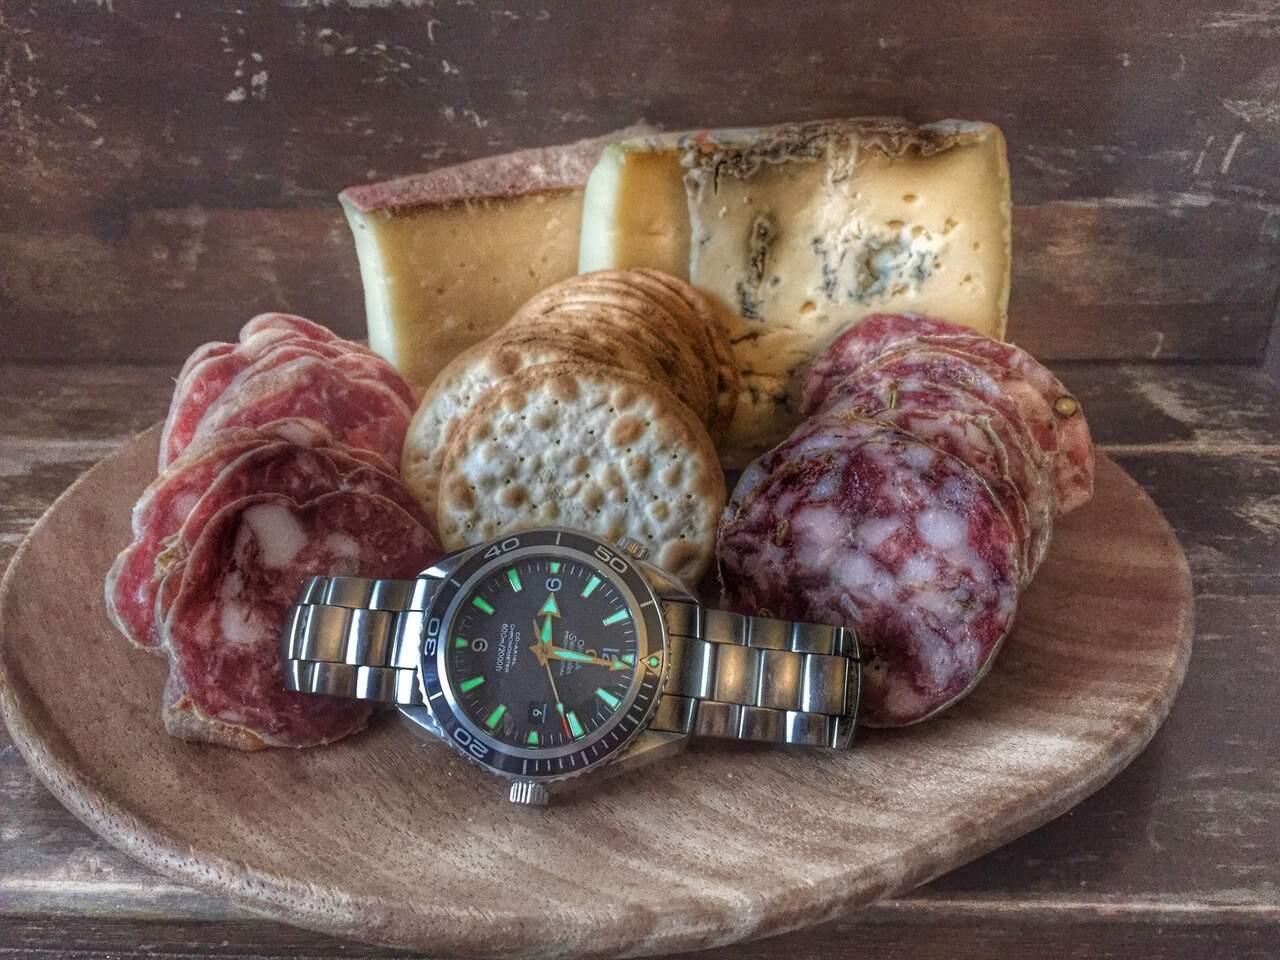 miika-manninen-kelloharrastaja-kellot-juustot